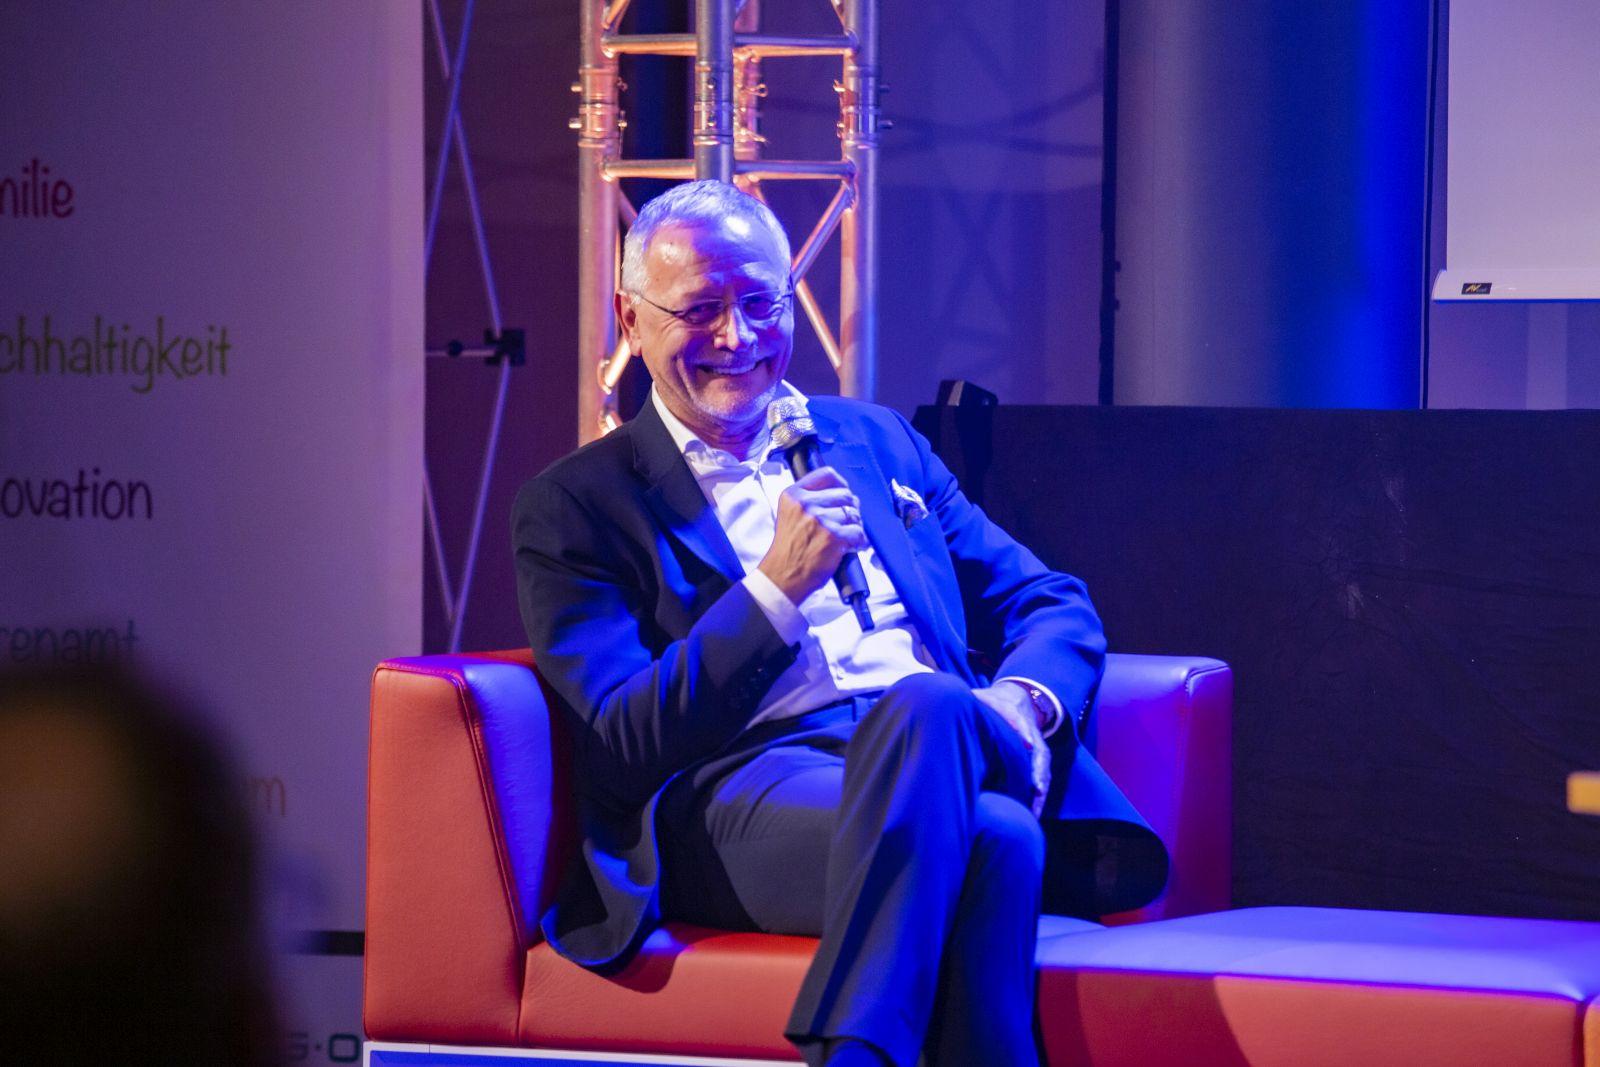 JHV 2019 Jahreshauptversammlung in der IHK